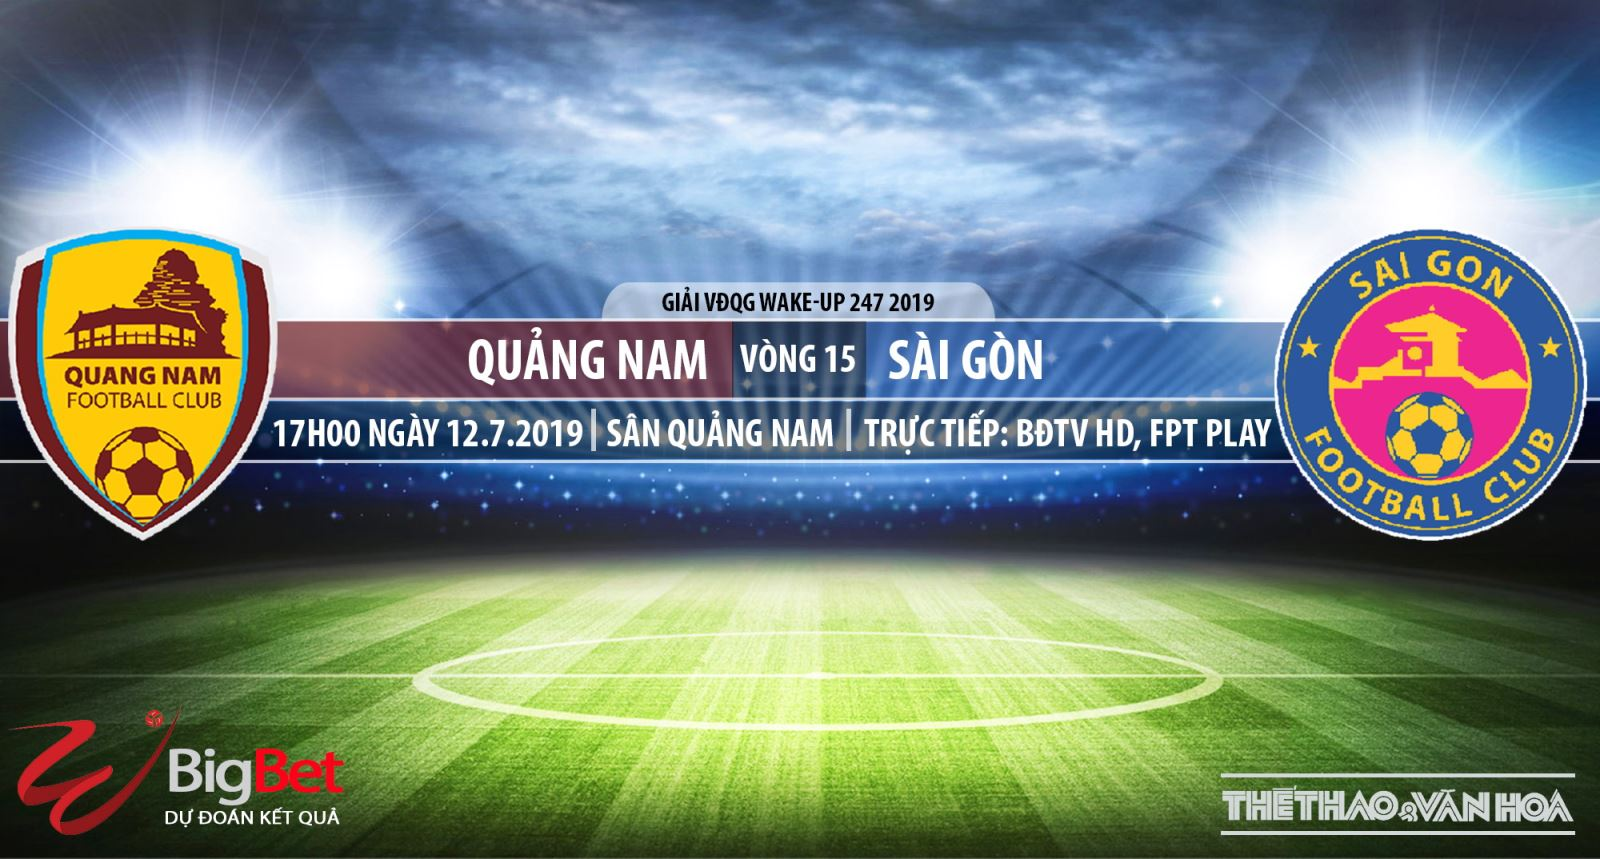 Thanh Hóa vs SLNA, Than Quảng Ninh vs HAGL, Hà Nội vs Khánh Hòa, trực tiếp bóng đá, soi kèo, V-League, dự đoán bóng đá, lịch thi đấu bóng đá